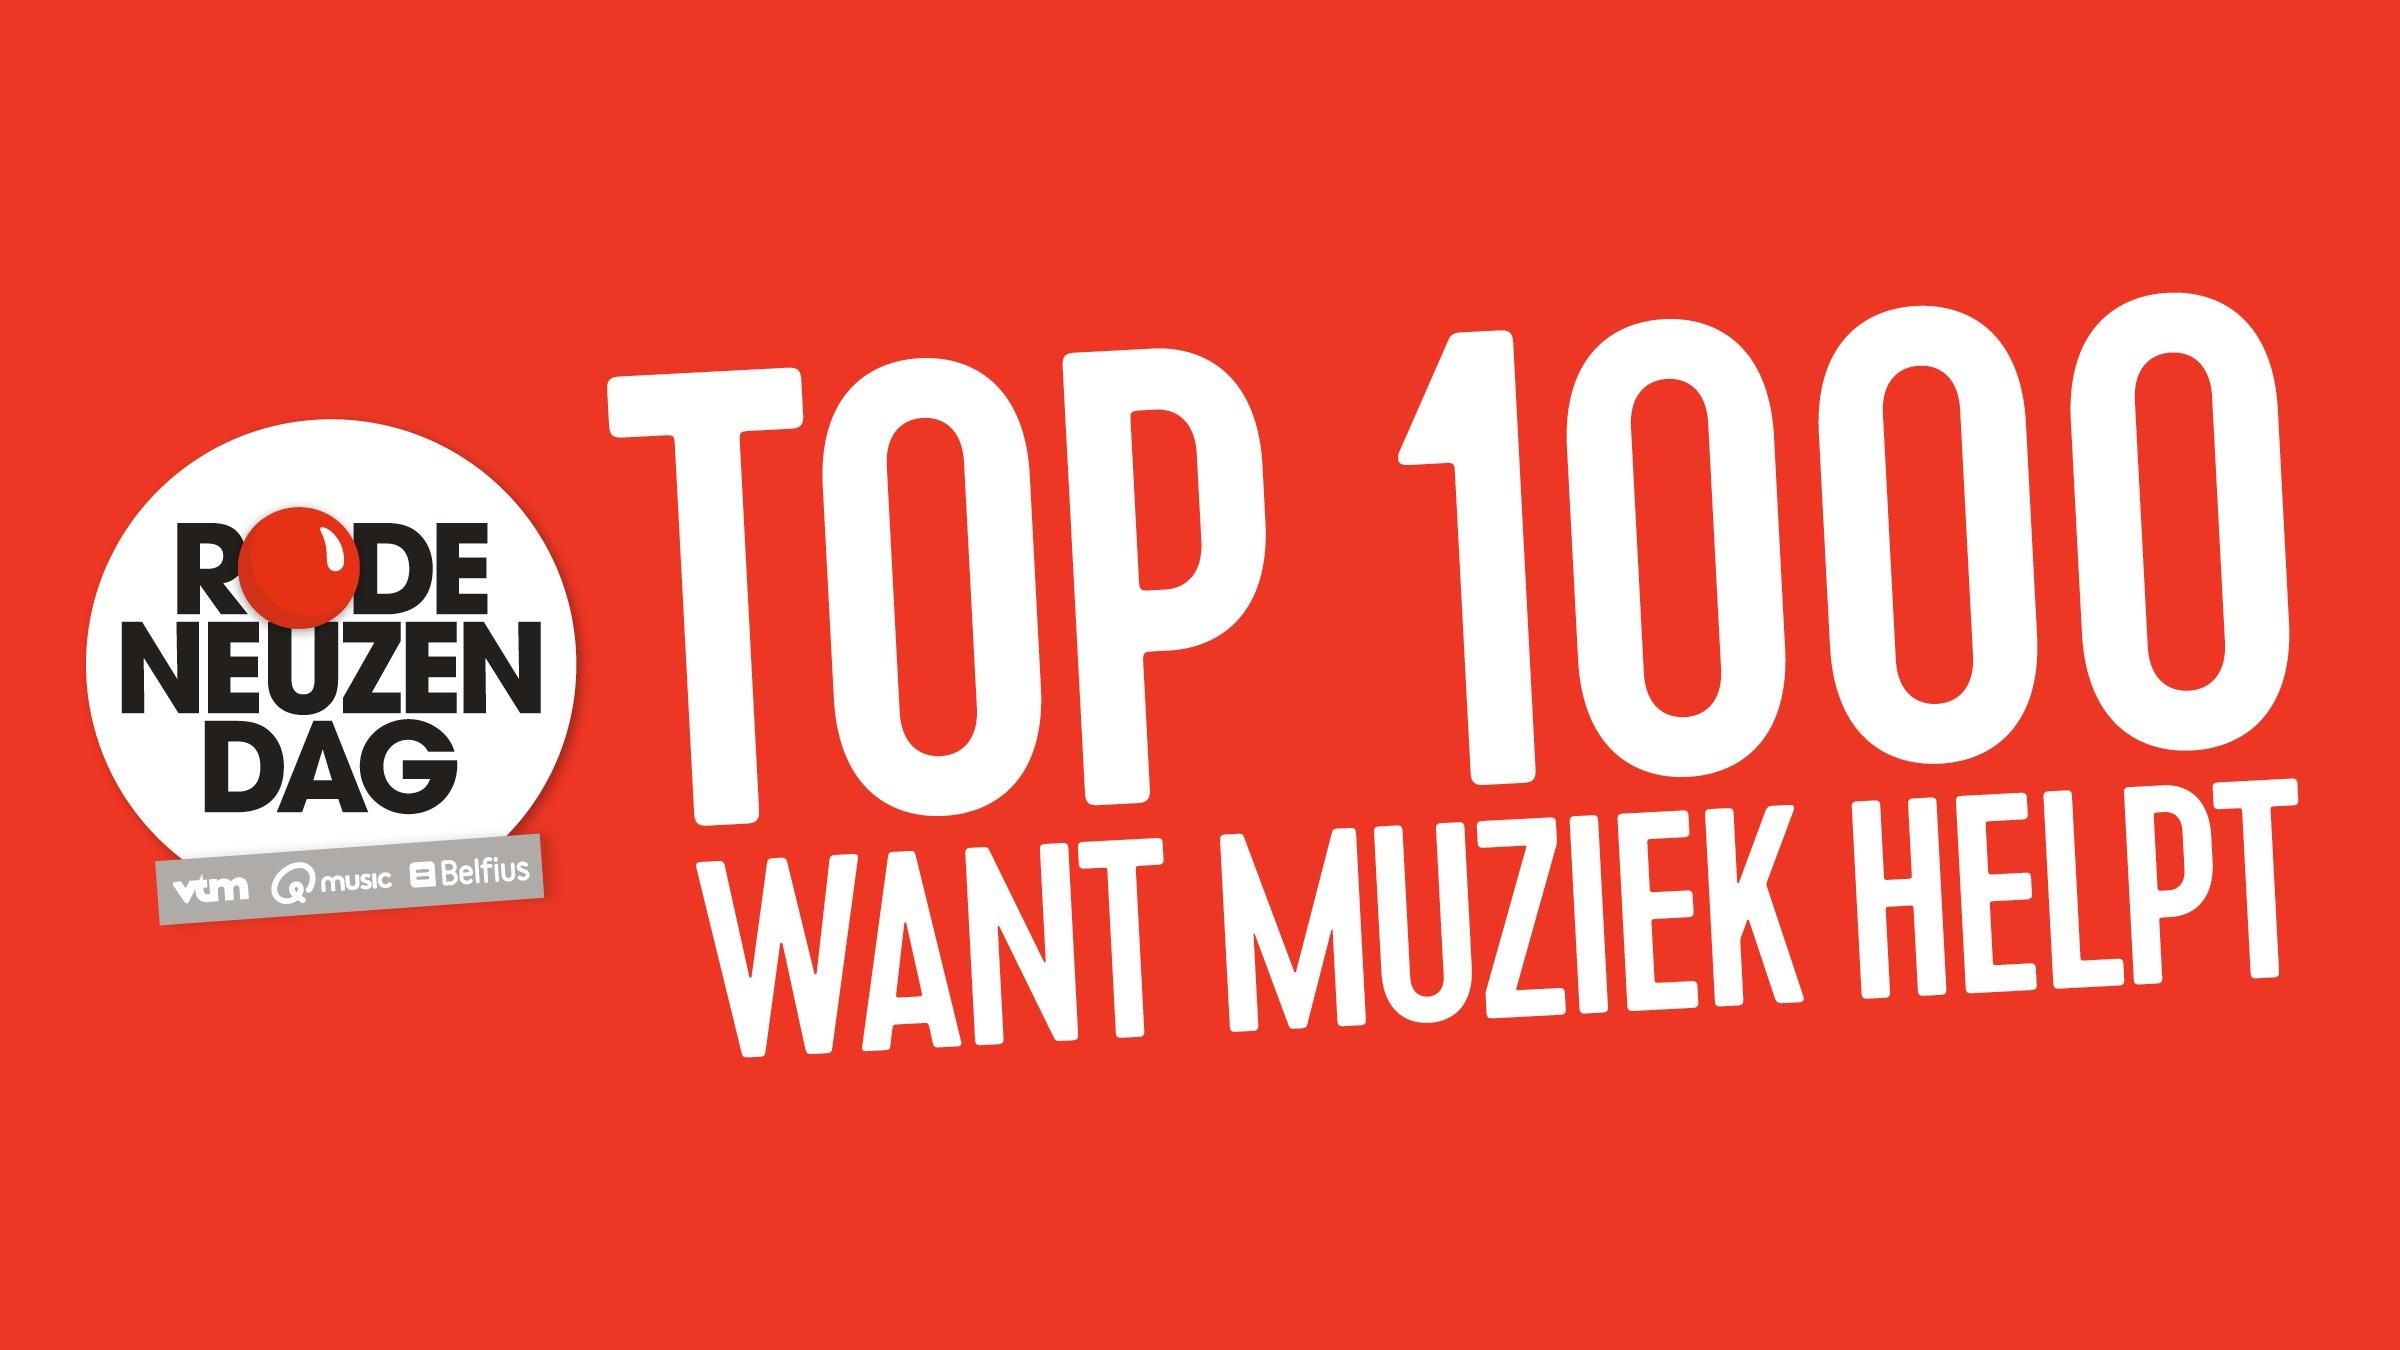 Top10002  1